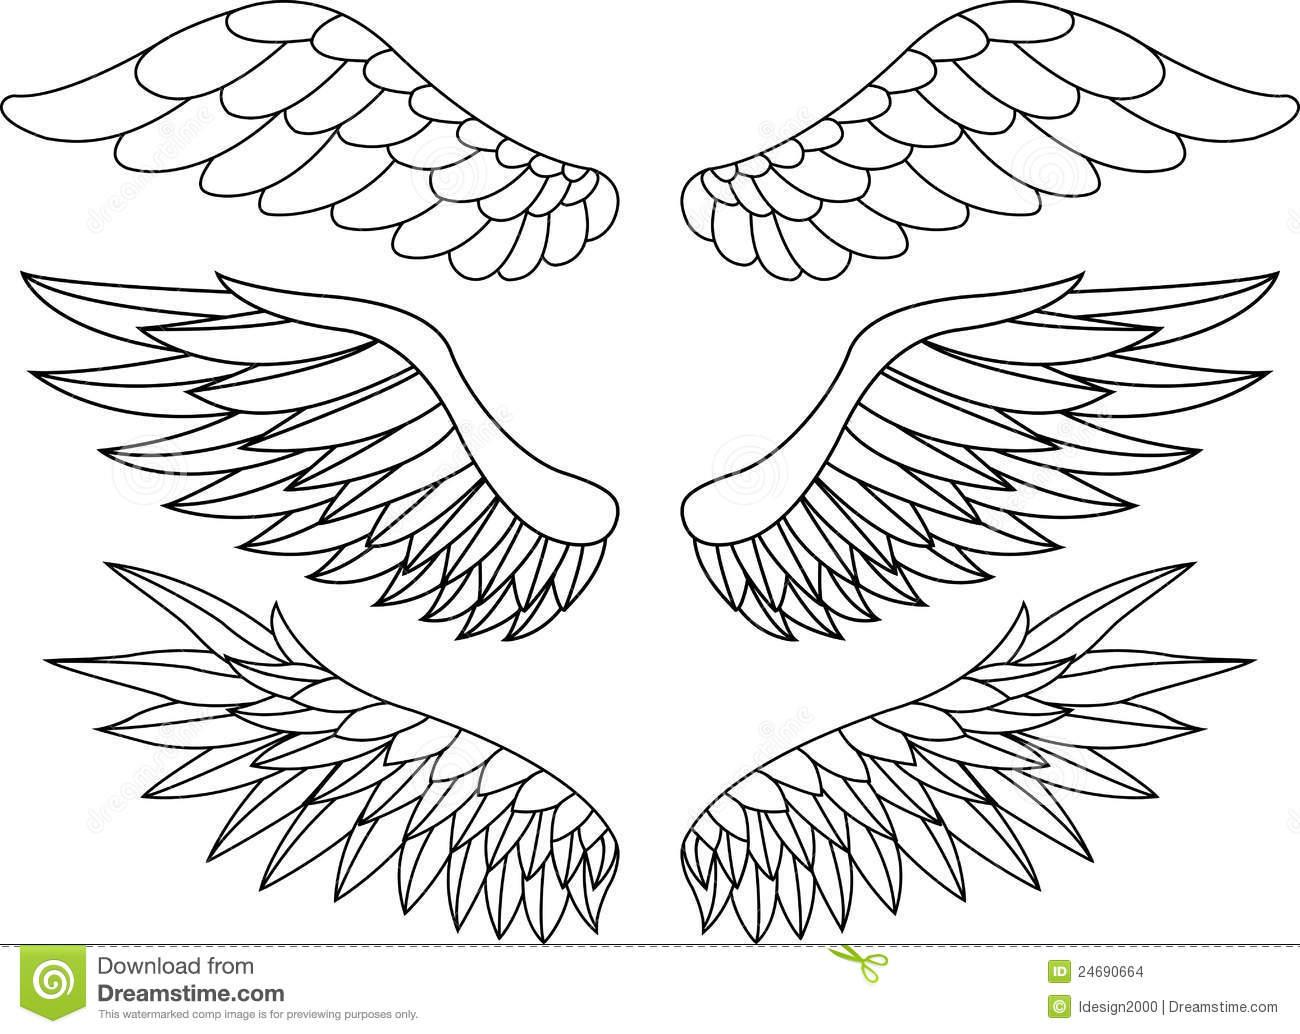 Idée Uage D'oiseau Qui S'envole - Modèle De Tattoo #319084 dedans Dessin D Oiseau Simple